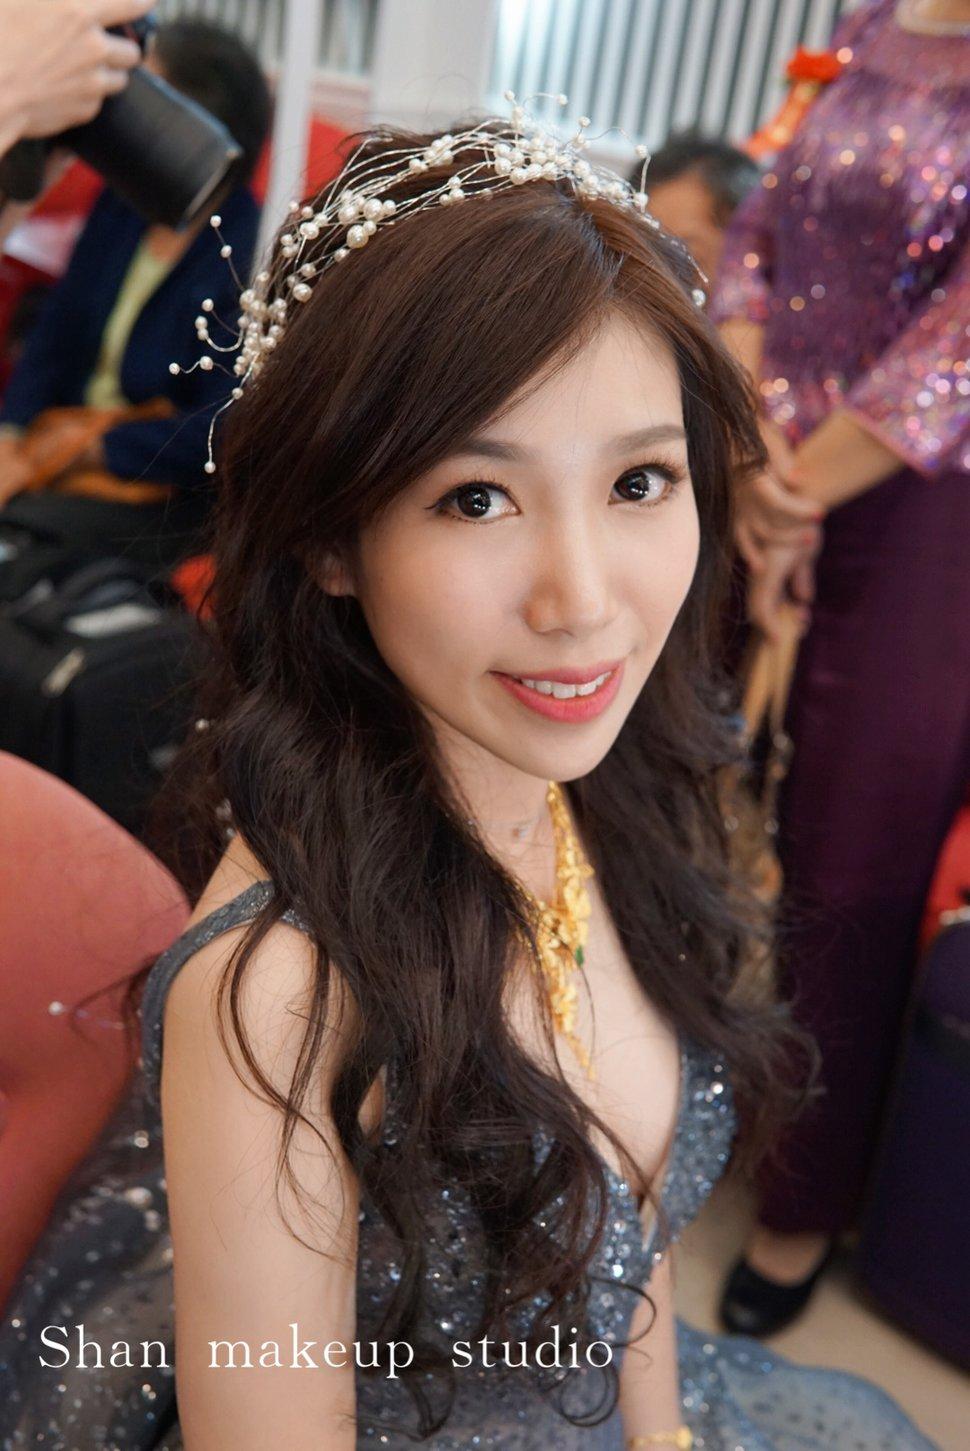 IMG_8255 - 湘翎Shan Makeup studio《結婚吧》